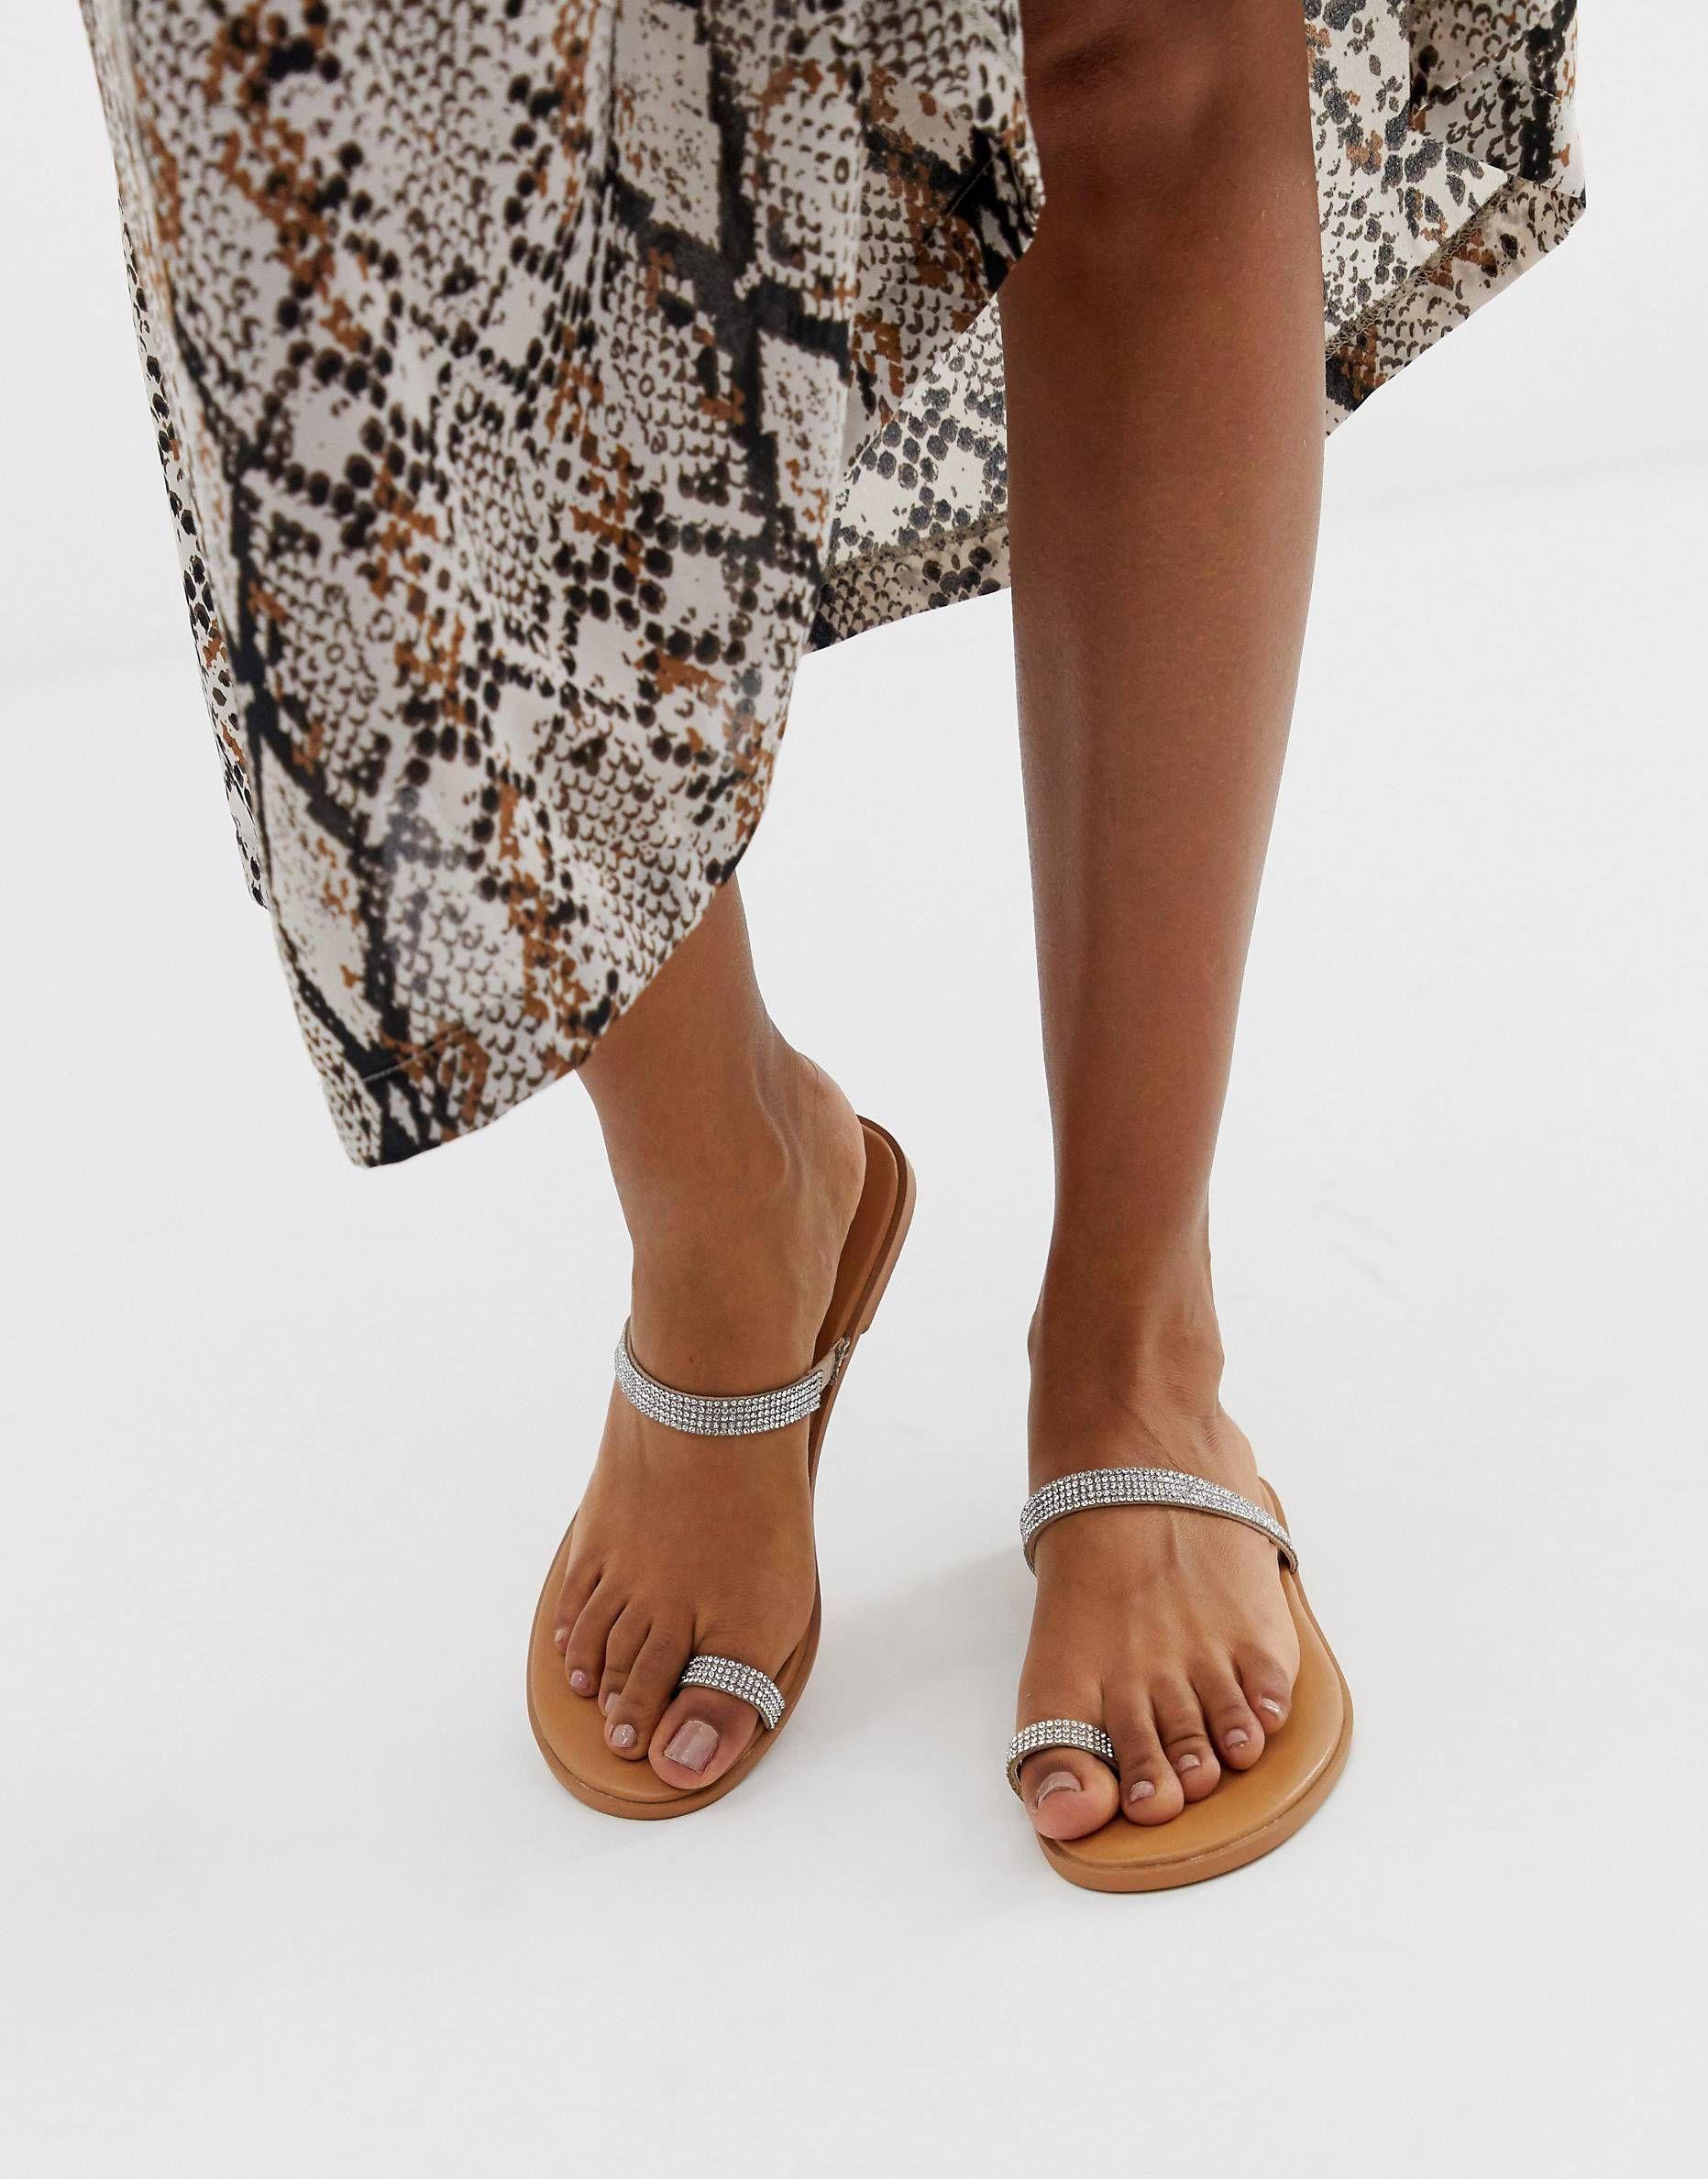 DESIGN Fairness embellished toe loop flat sandals